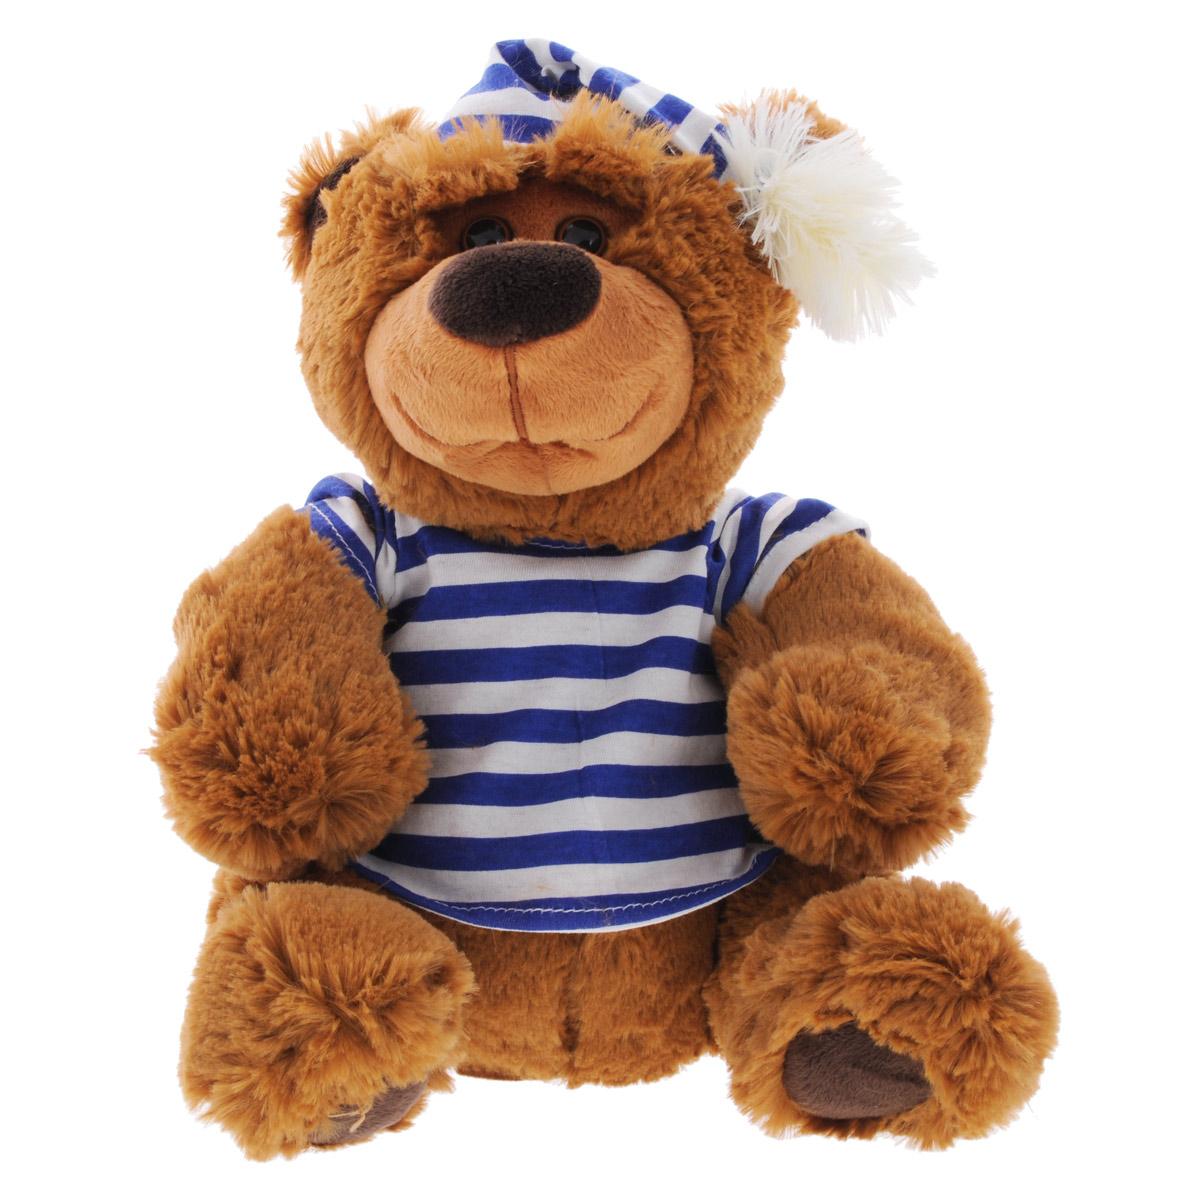 Dream Makers Мягкая озвученная игрушка Медведь-сказочник синяя полоска 28 см